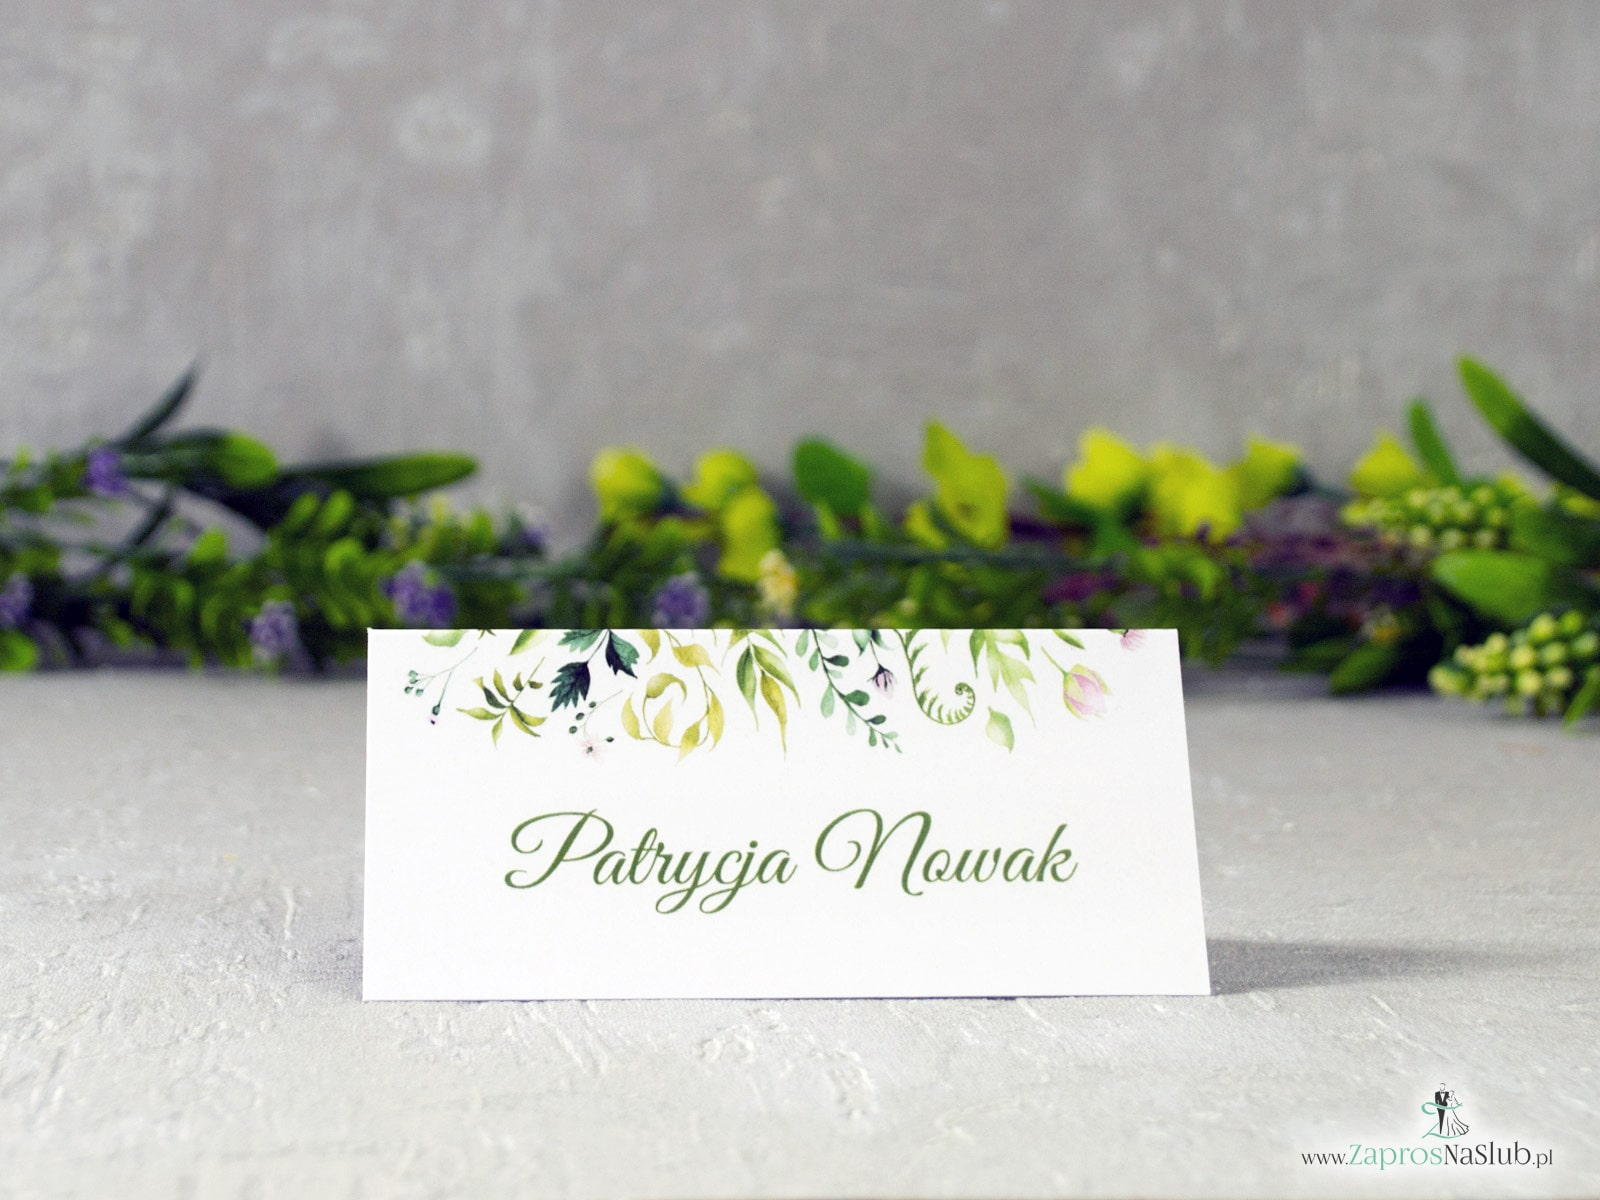 Rustykalne zaproszenia botaniczne z liśćmi w różnych odcieniach. ZAP-123